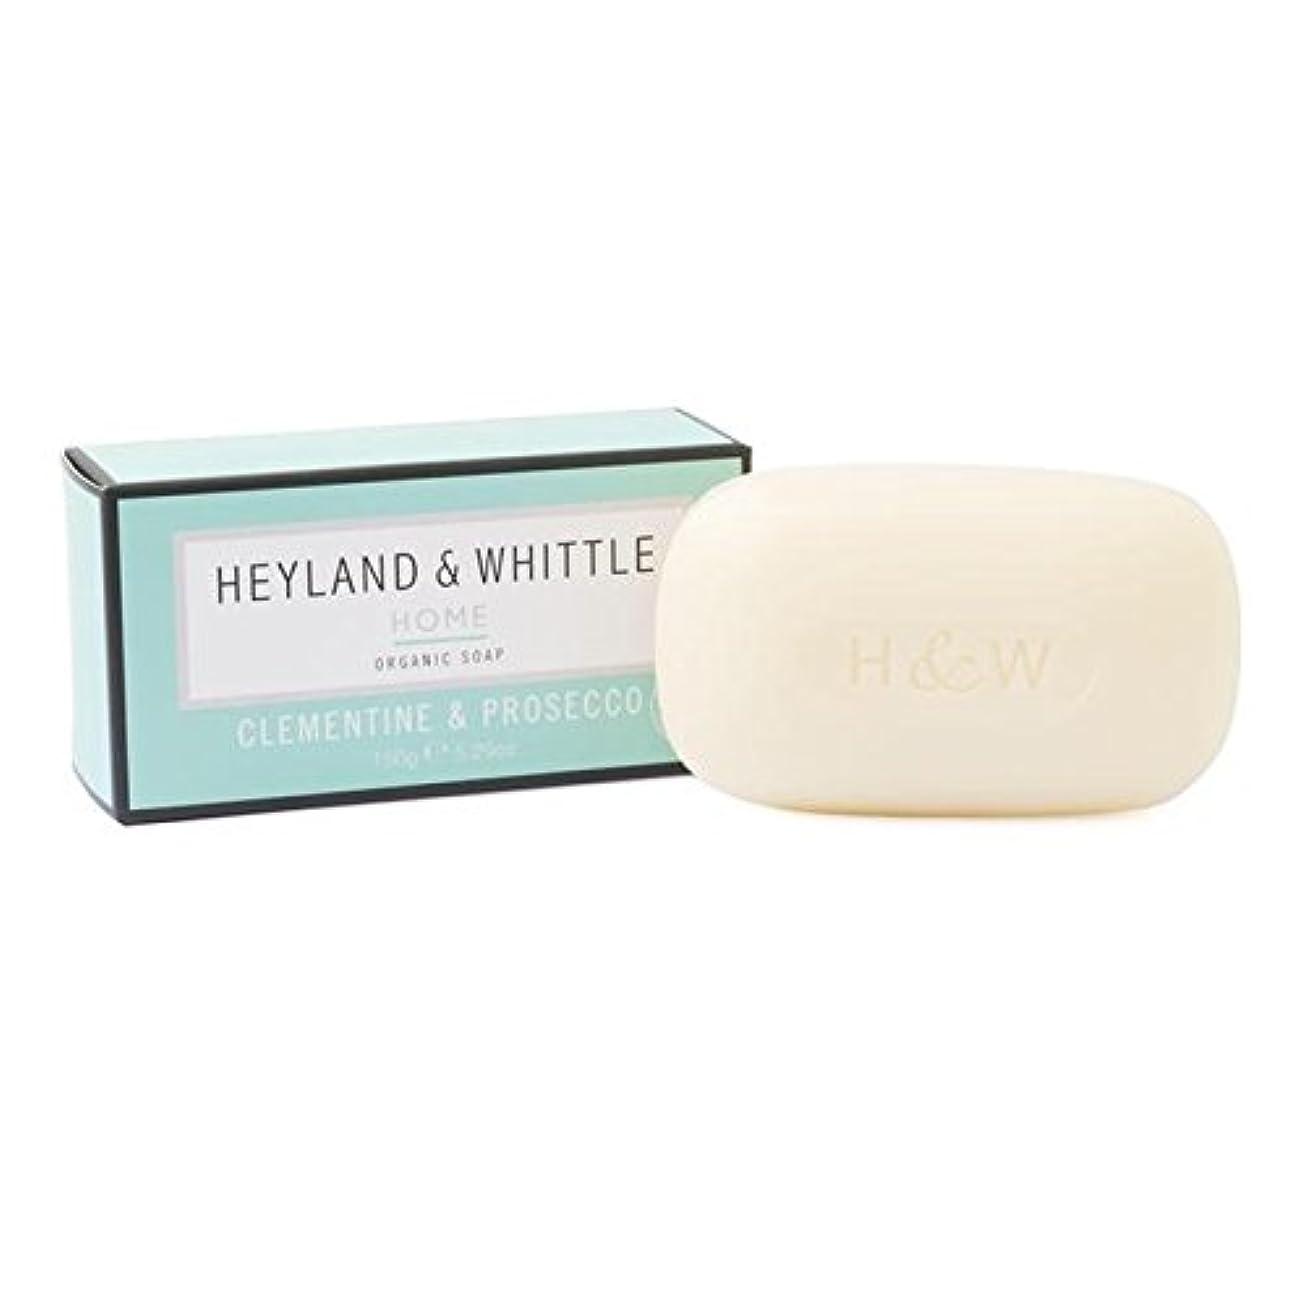 救急車社会学ジョグ&削るホームクレメンタイン&プロセッコ有機石鹸150グラム x2 - Heyland & Whittle Home Clementine & Prosecco Organic Soap 150g (Pack of 2) [並行輸入品]